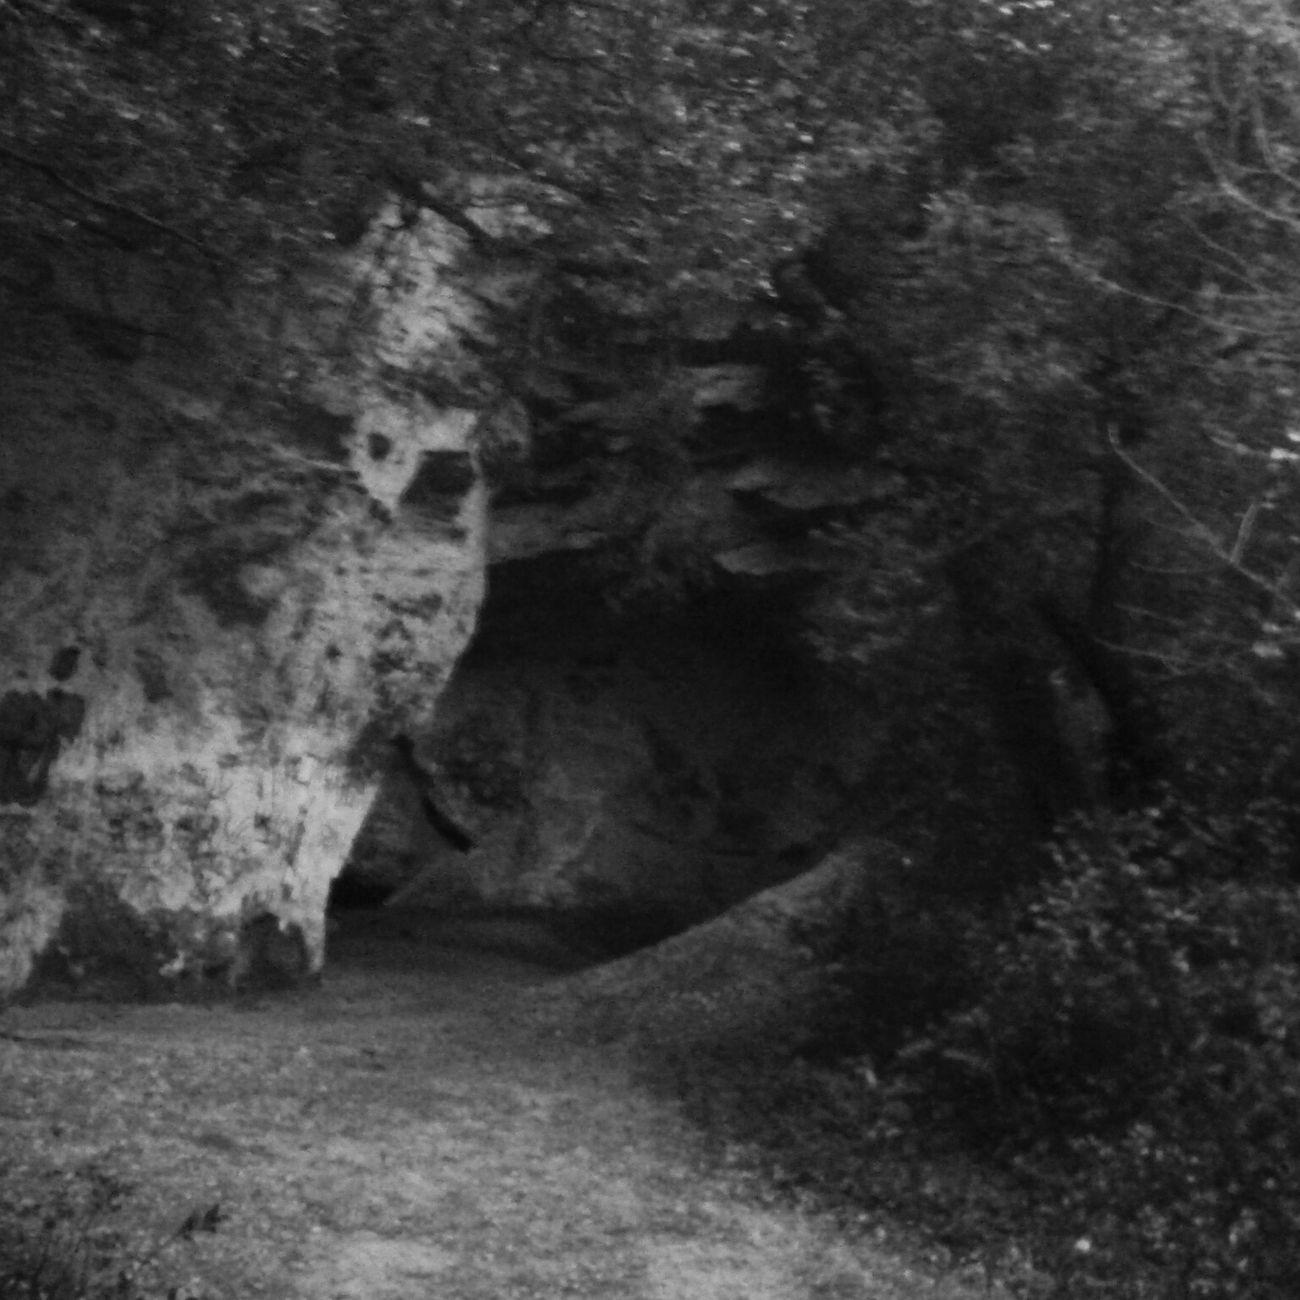 Grotte du Trou de la Lune - Les Angles Trailrunning Trail Running Trail Running Les Angles Gard Trou De La Lune